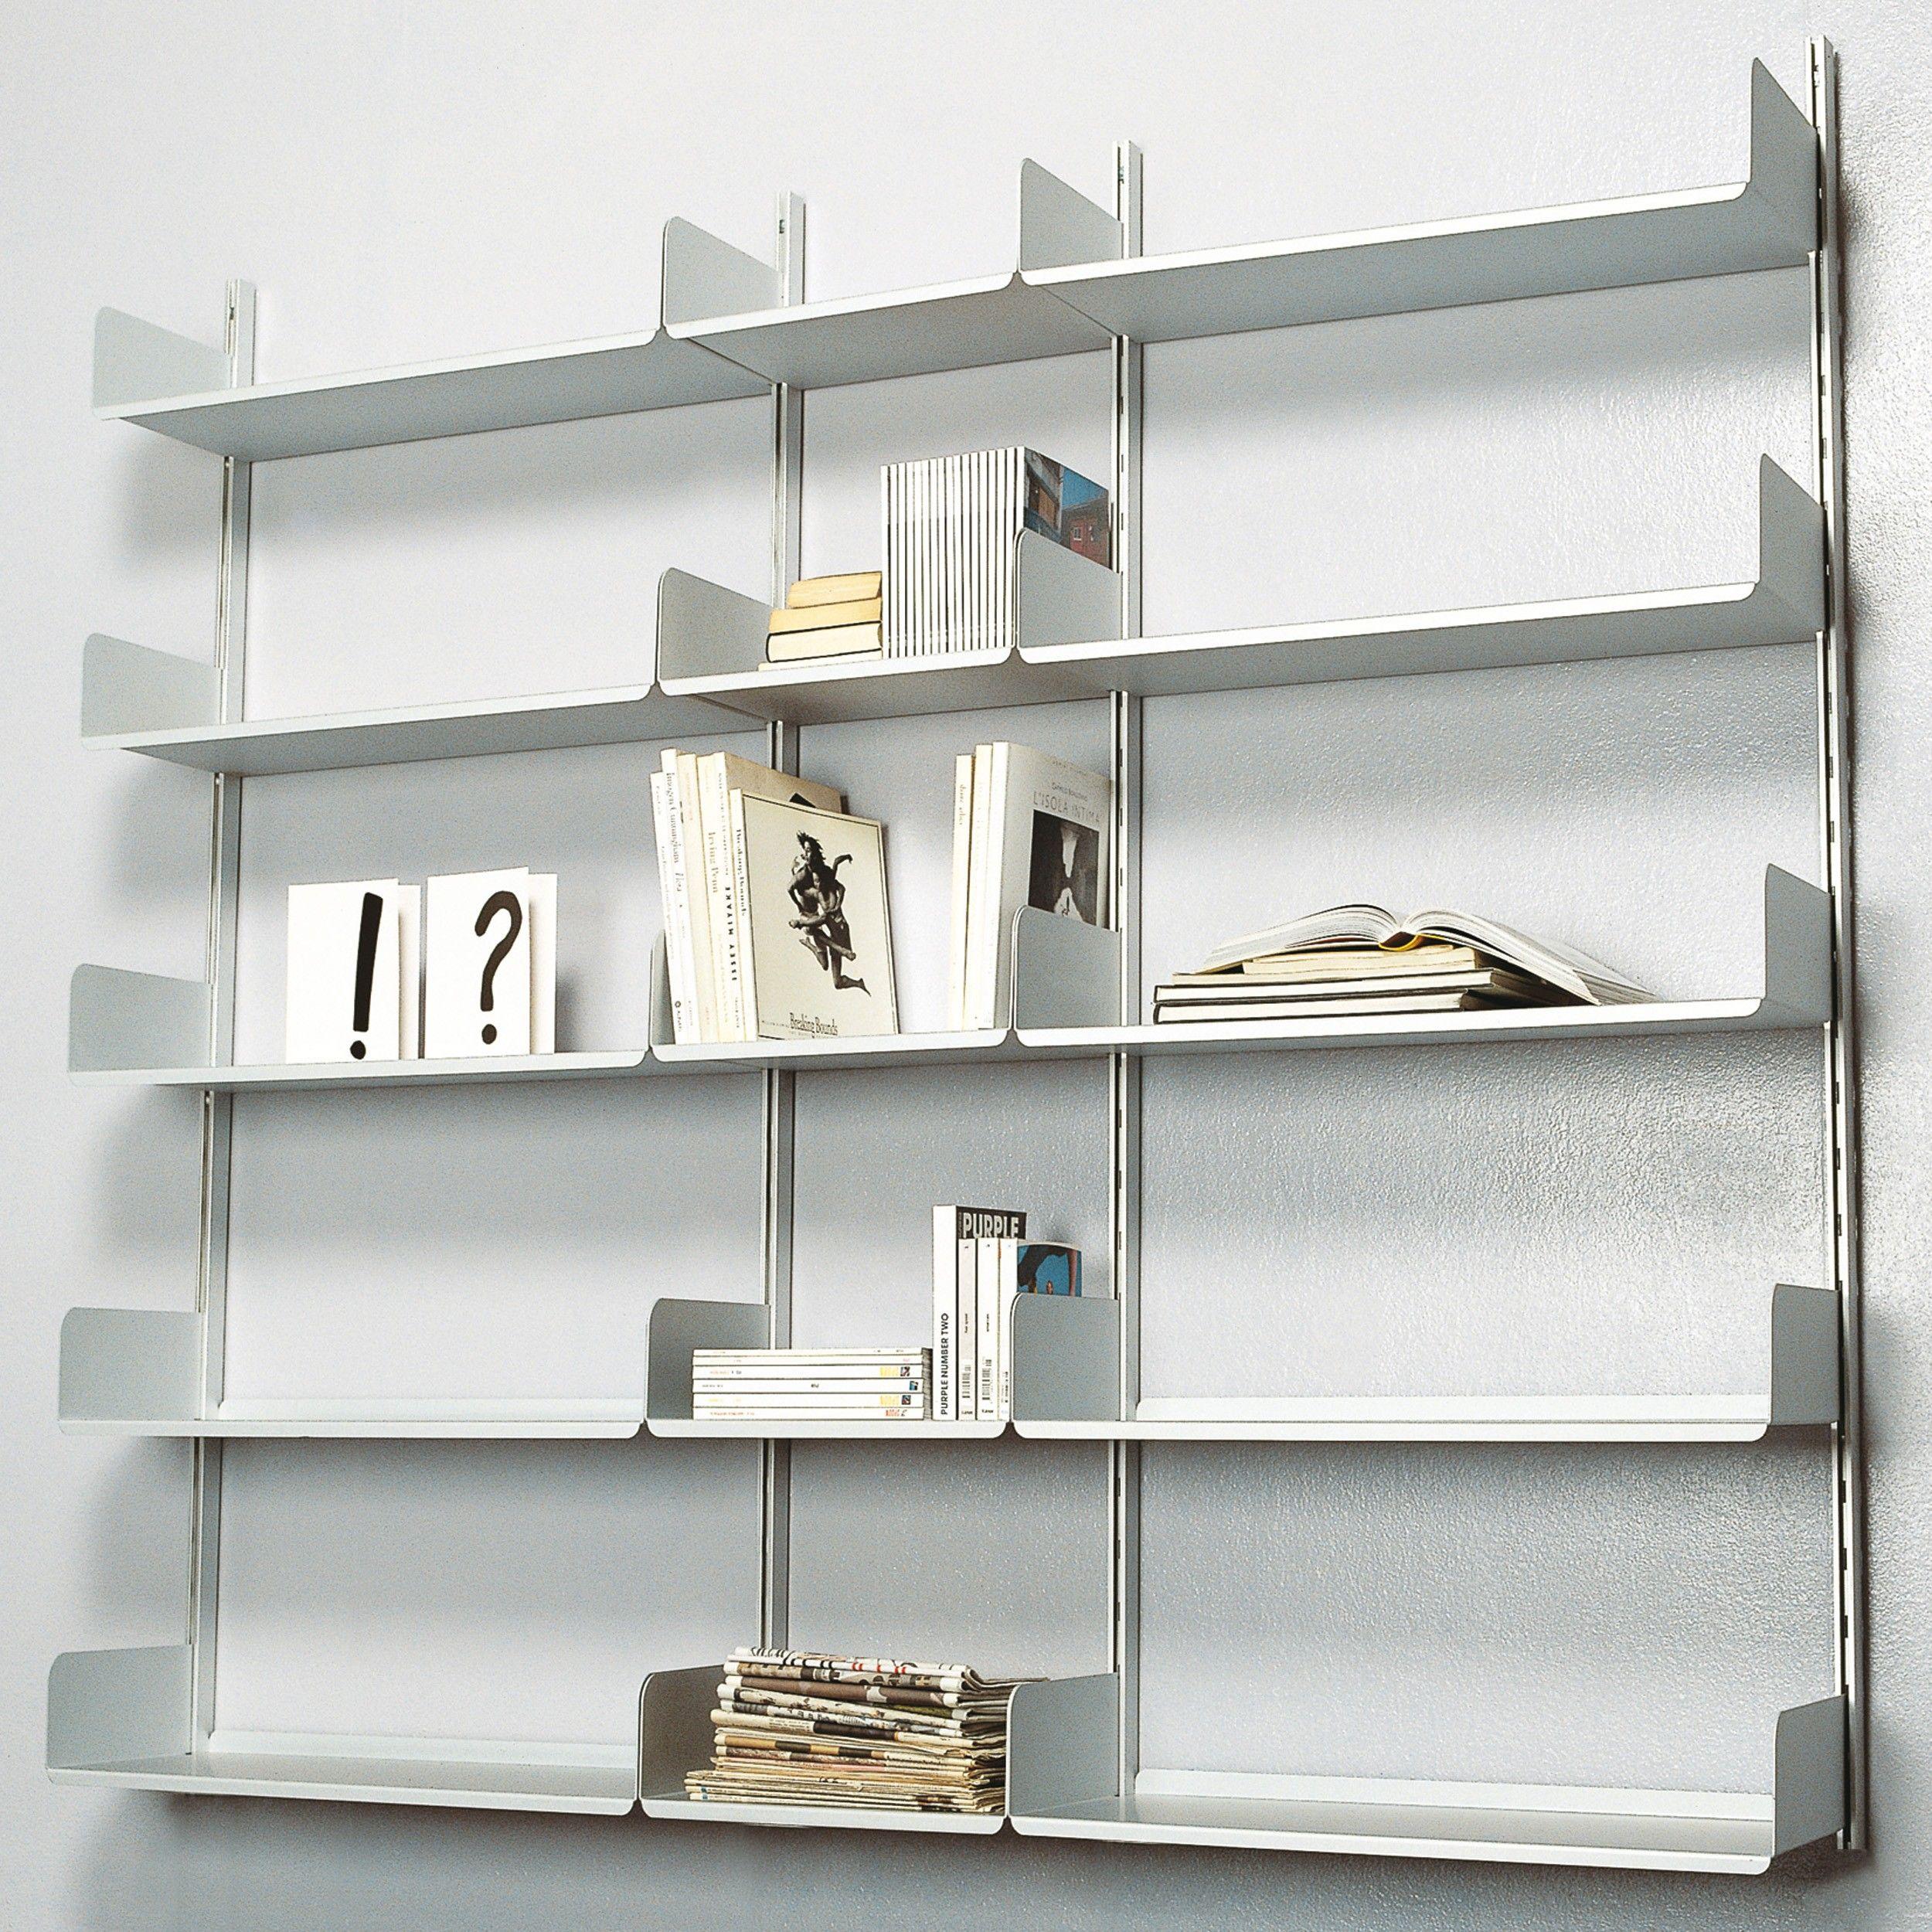 Bookshelf K20 Regalfach   Kriptonite online kaufen bei WOONIO ...